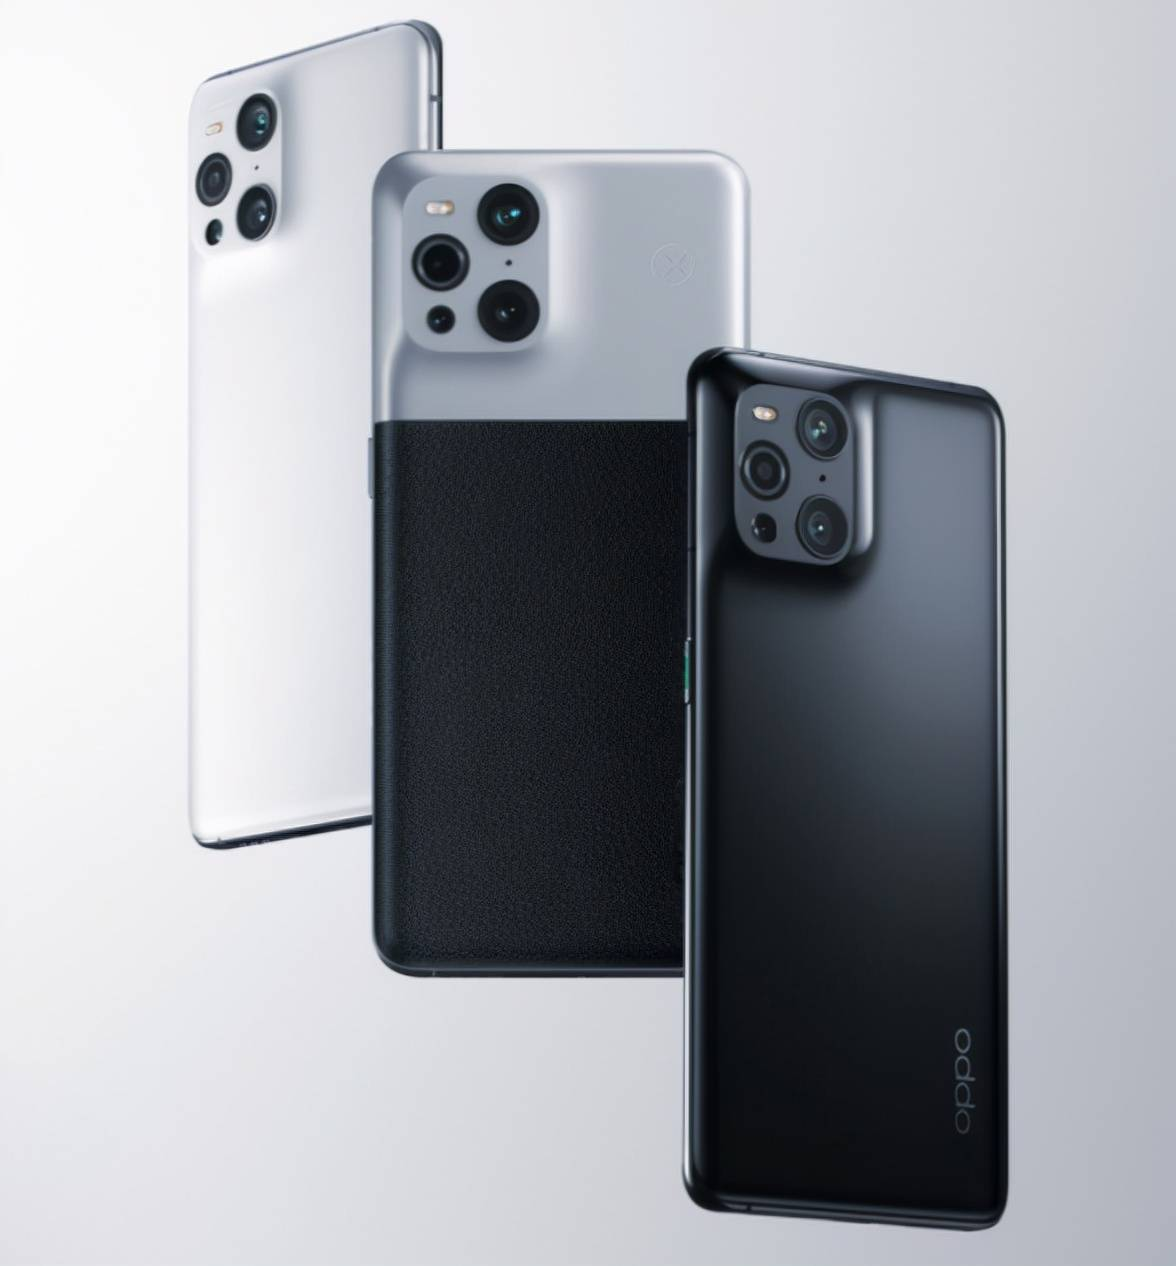 酷似微单的色彩影像旗舰手机,颜值和性能完美结合,实惠点就更好_Find